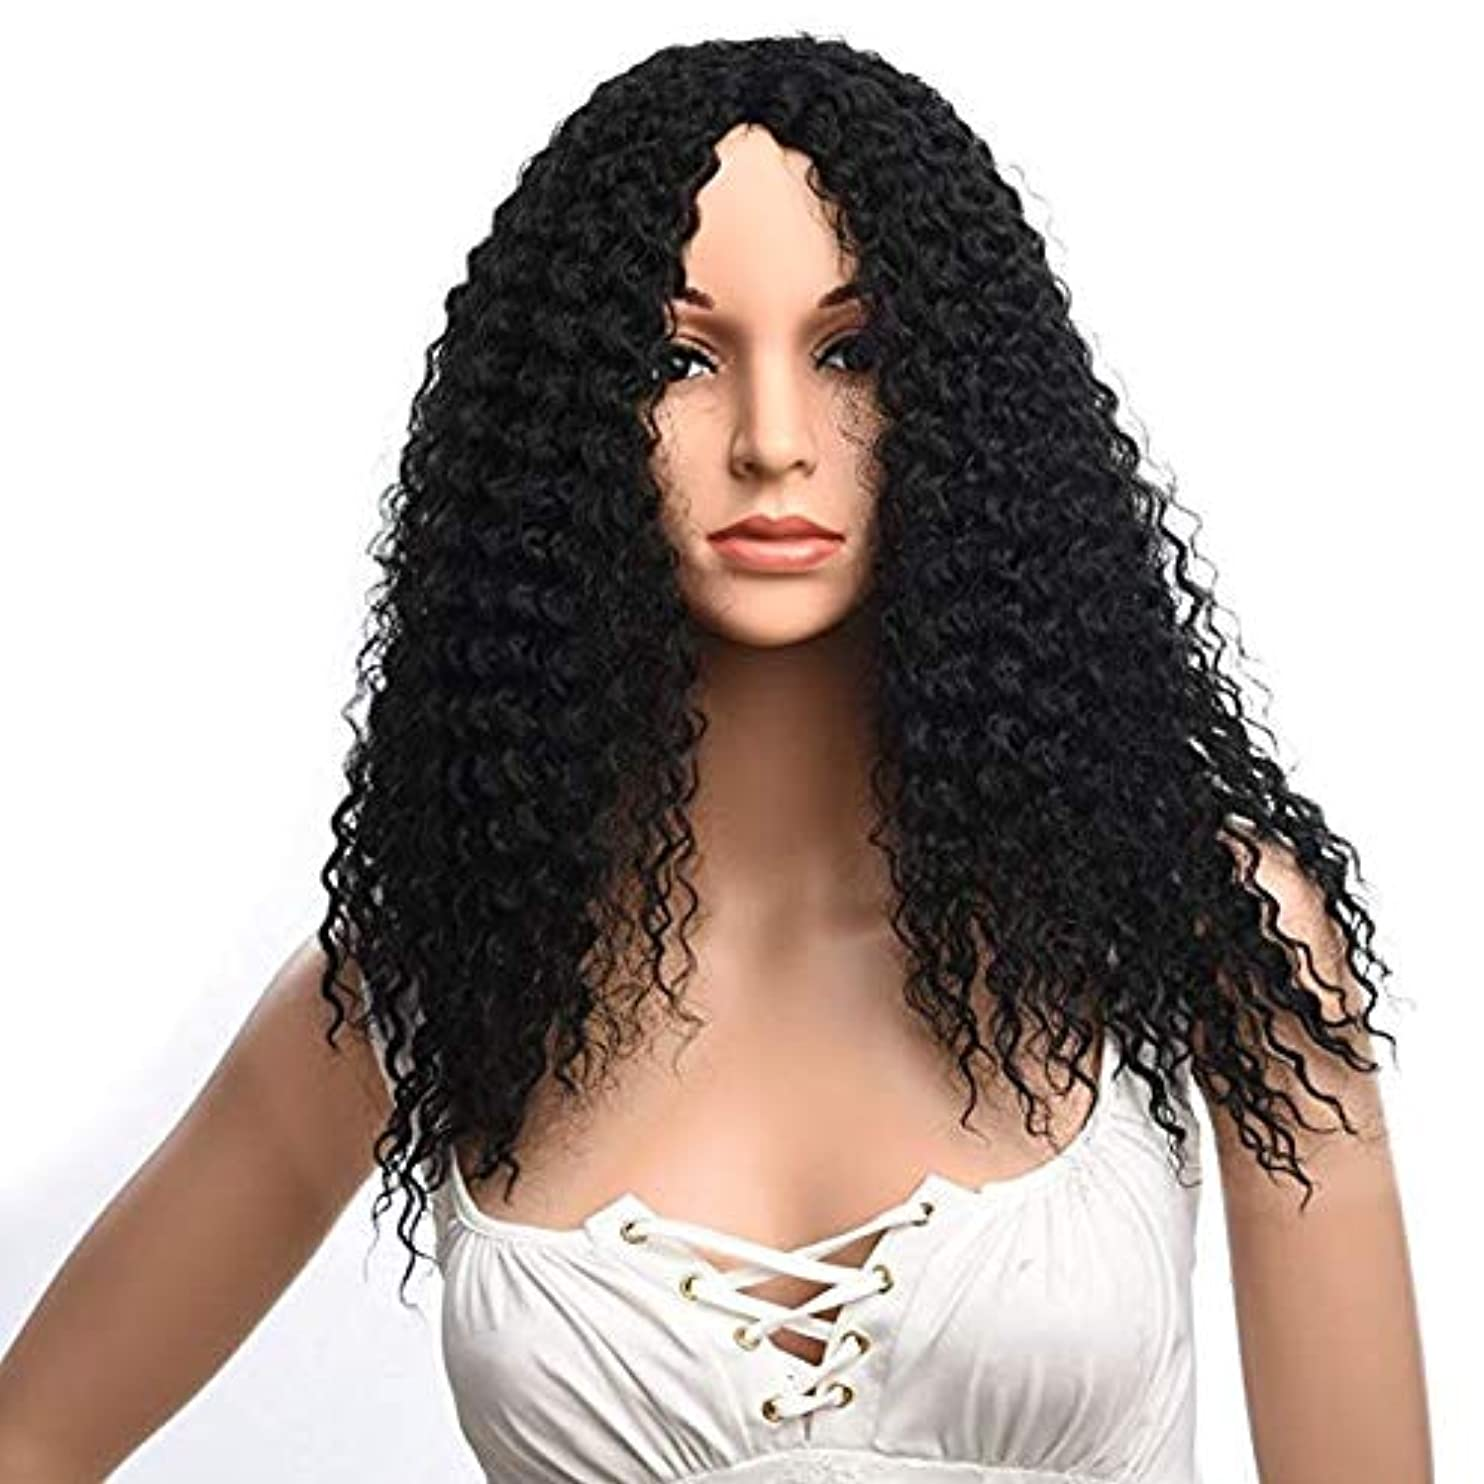 余分な噴出する感性女性の肩短い髪ふわふわ高温シルクファッションかつら